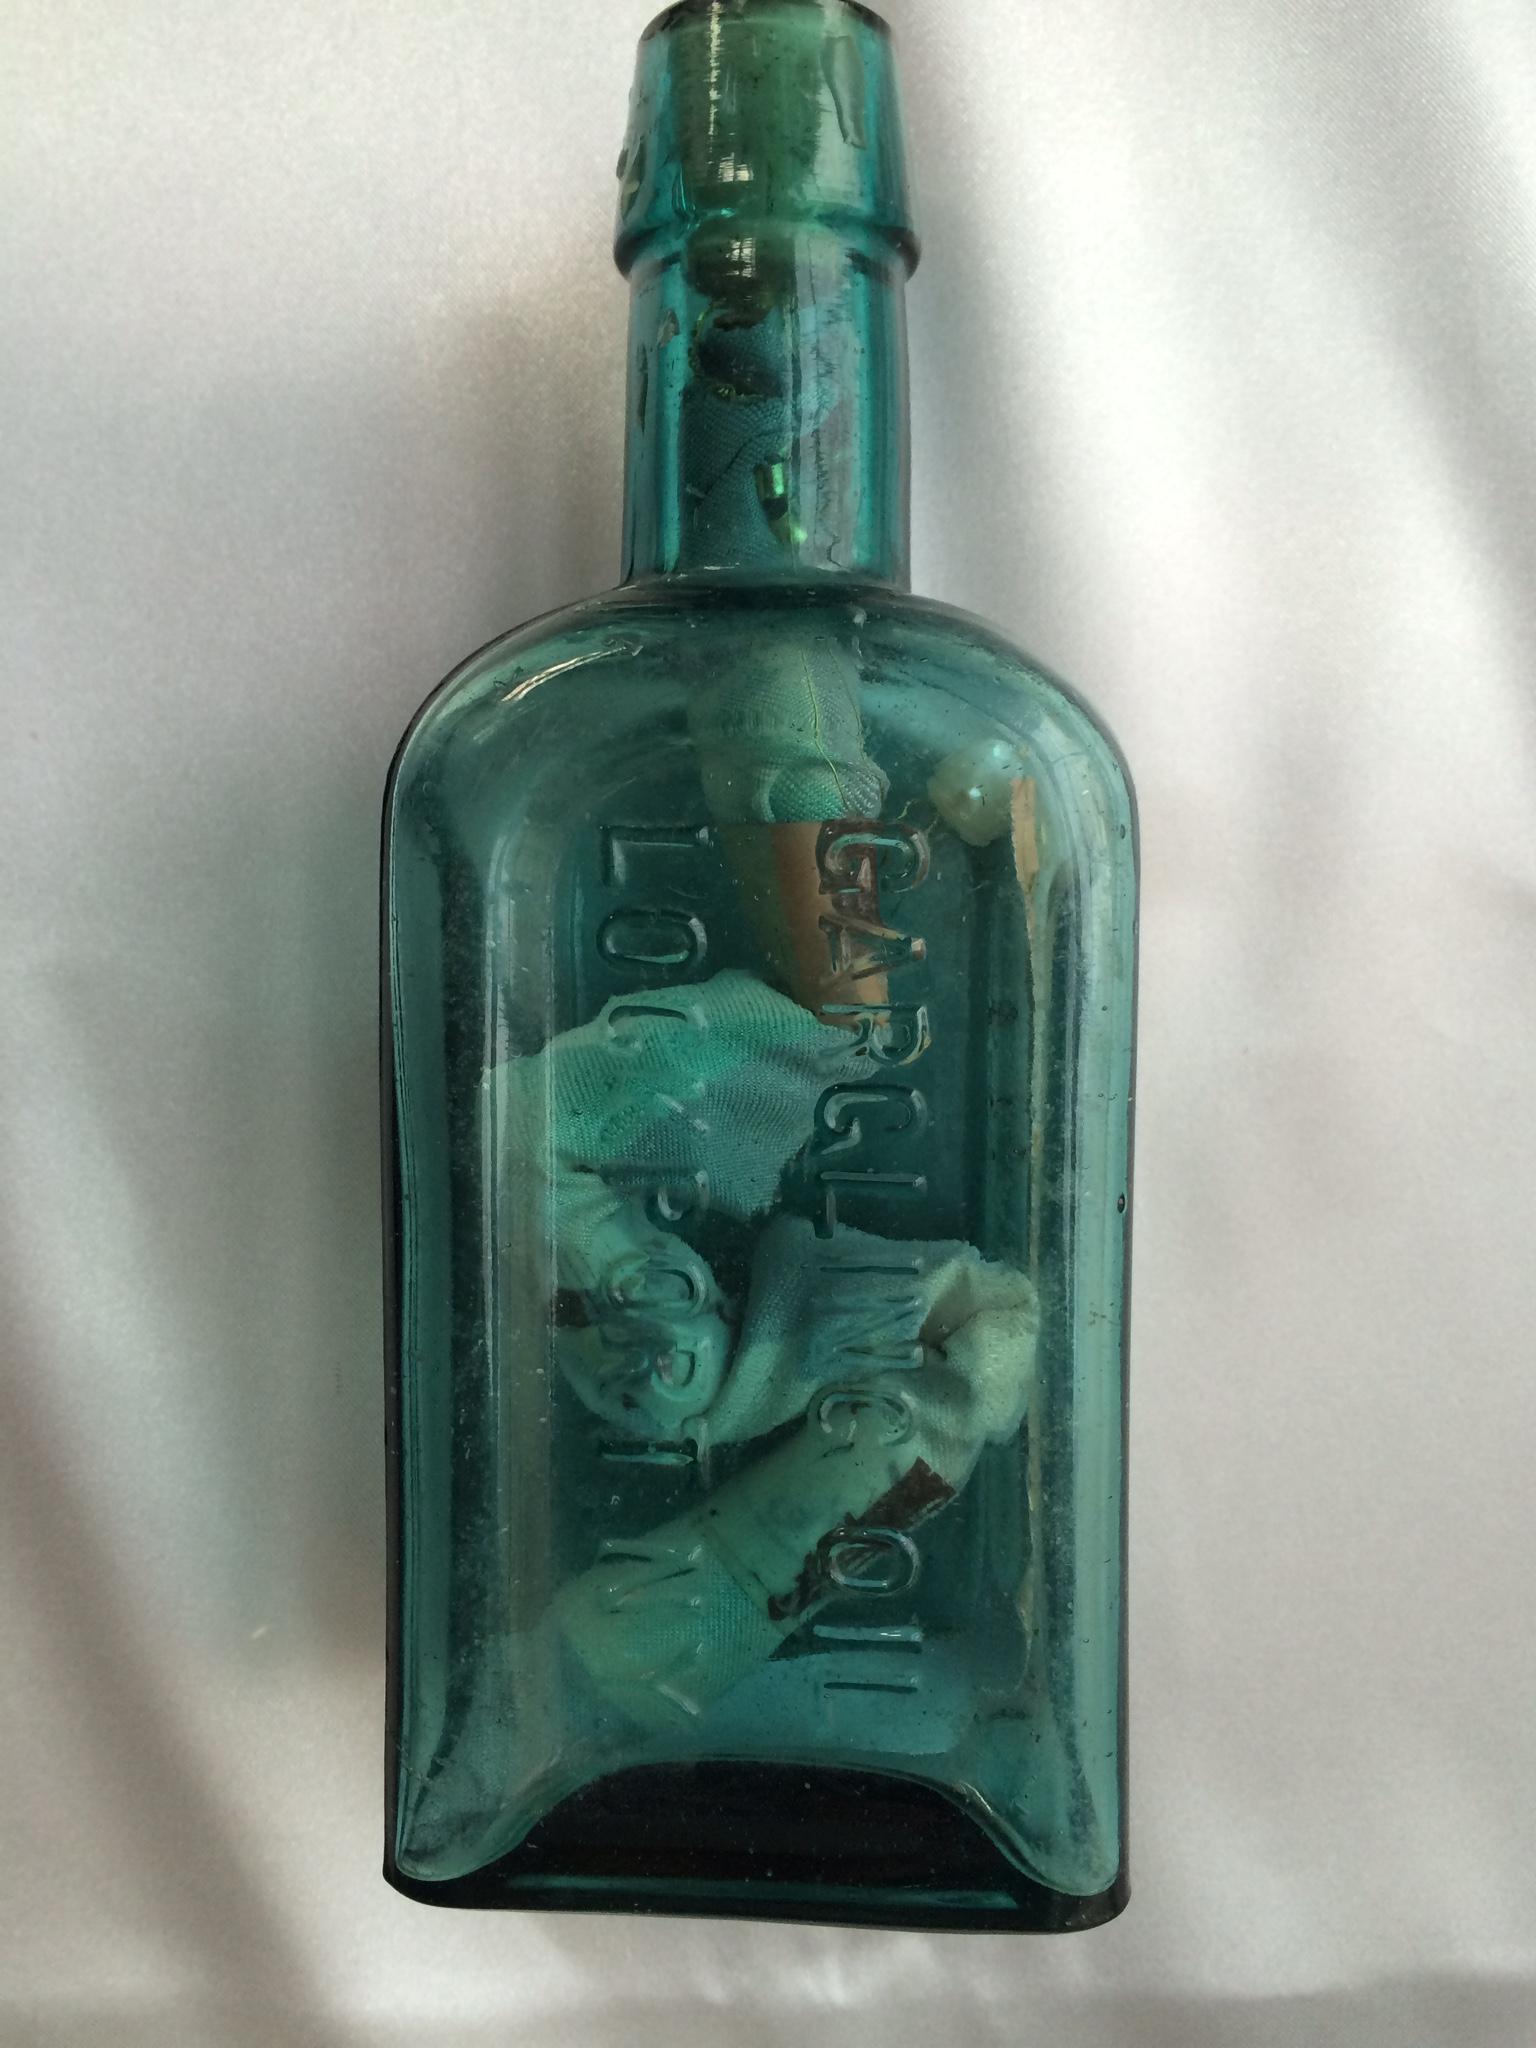 Bottle prep 5